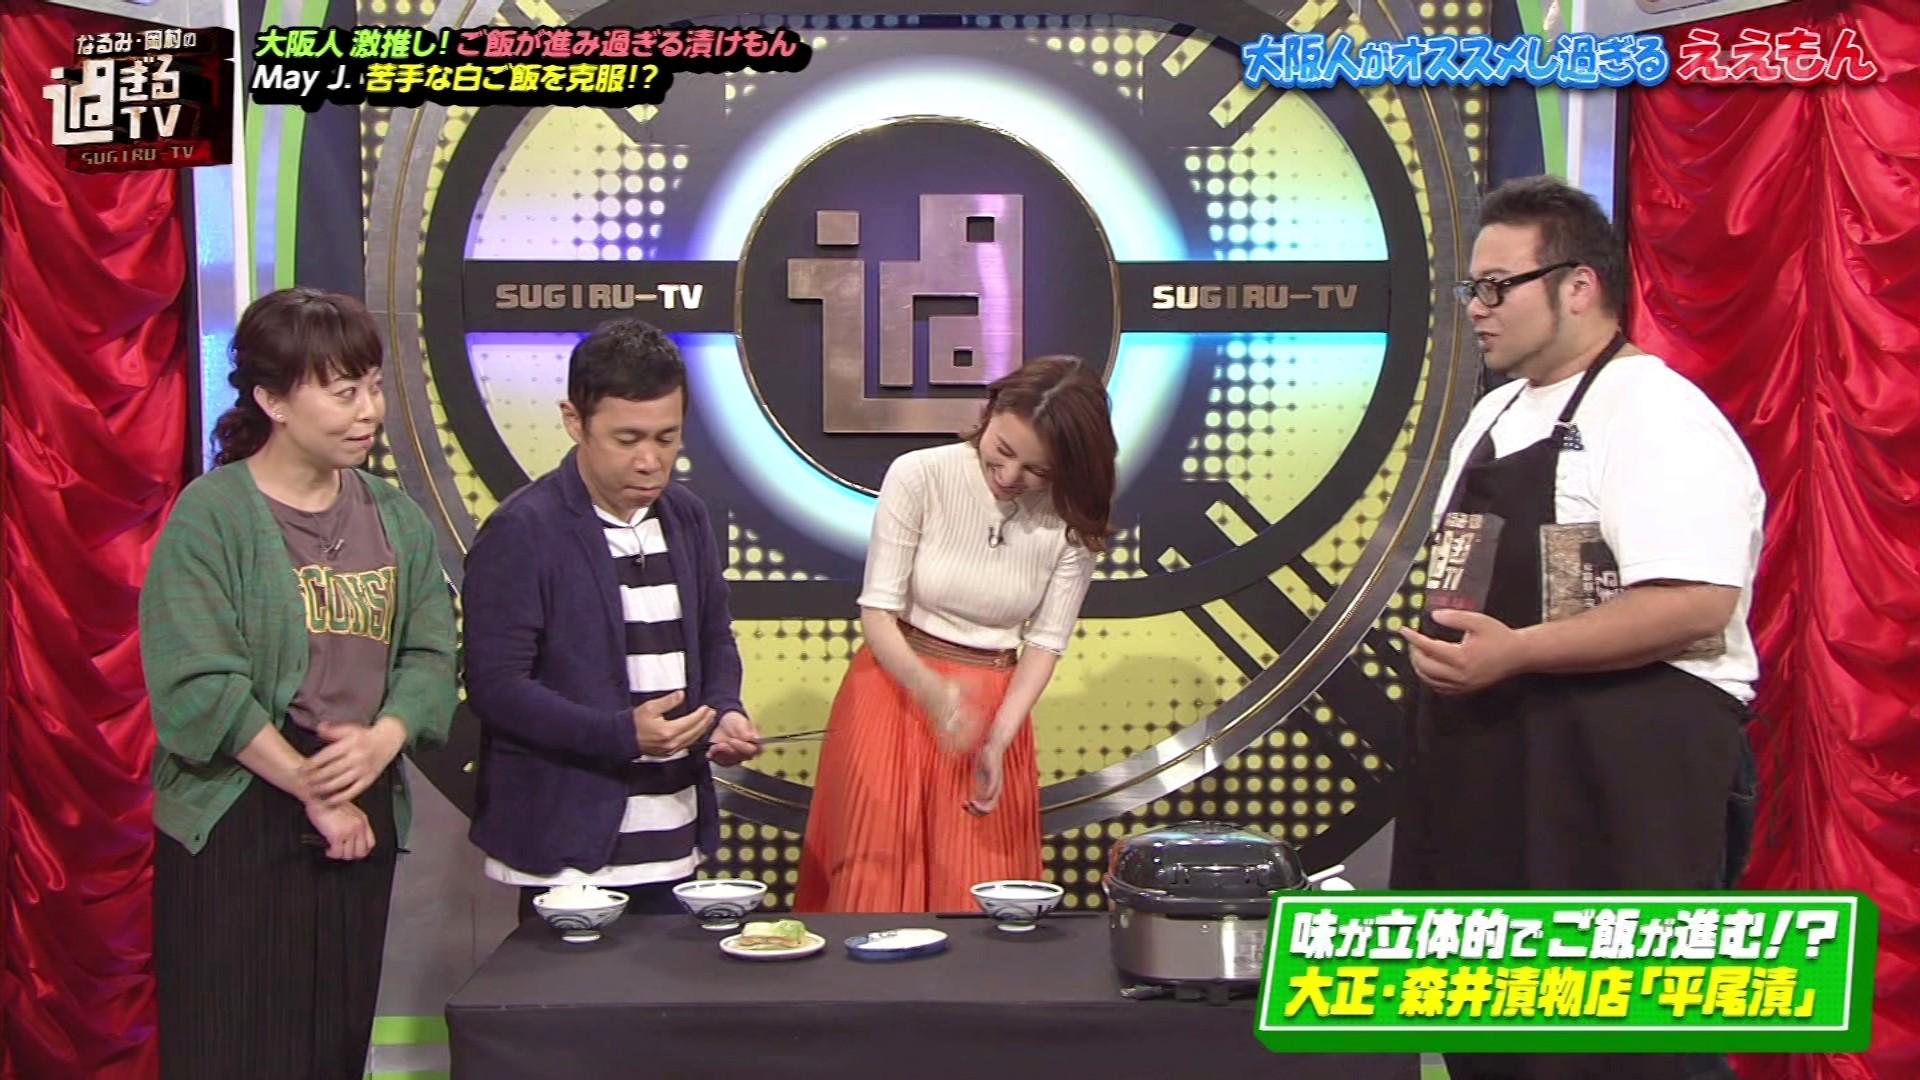 2019年5月13日『過ぎるTV』のテレビキャプチャー画像-077